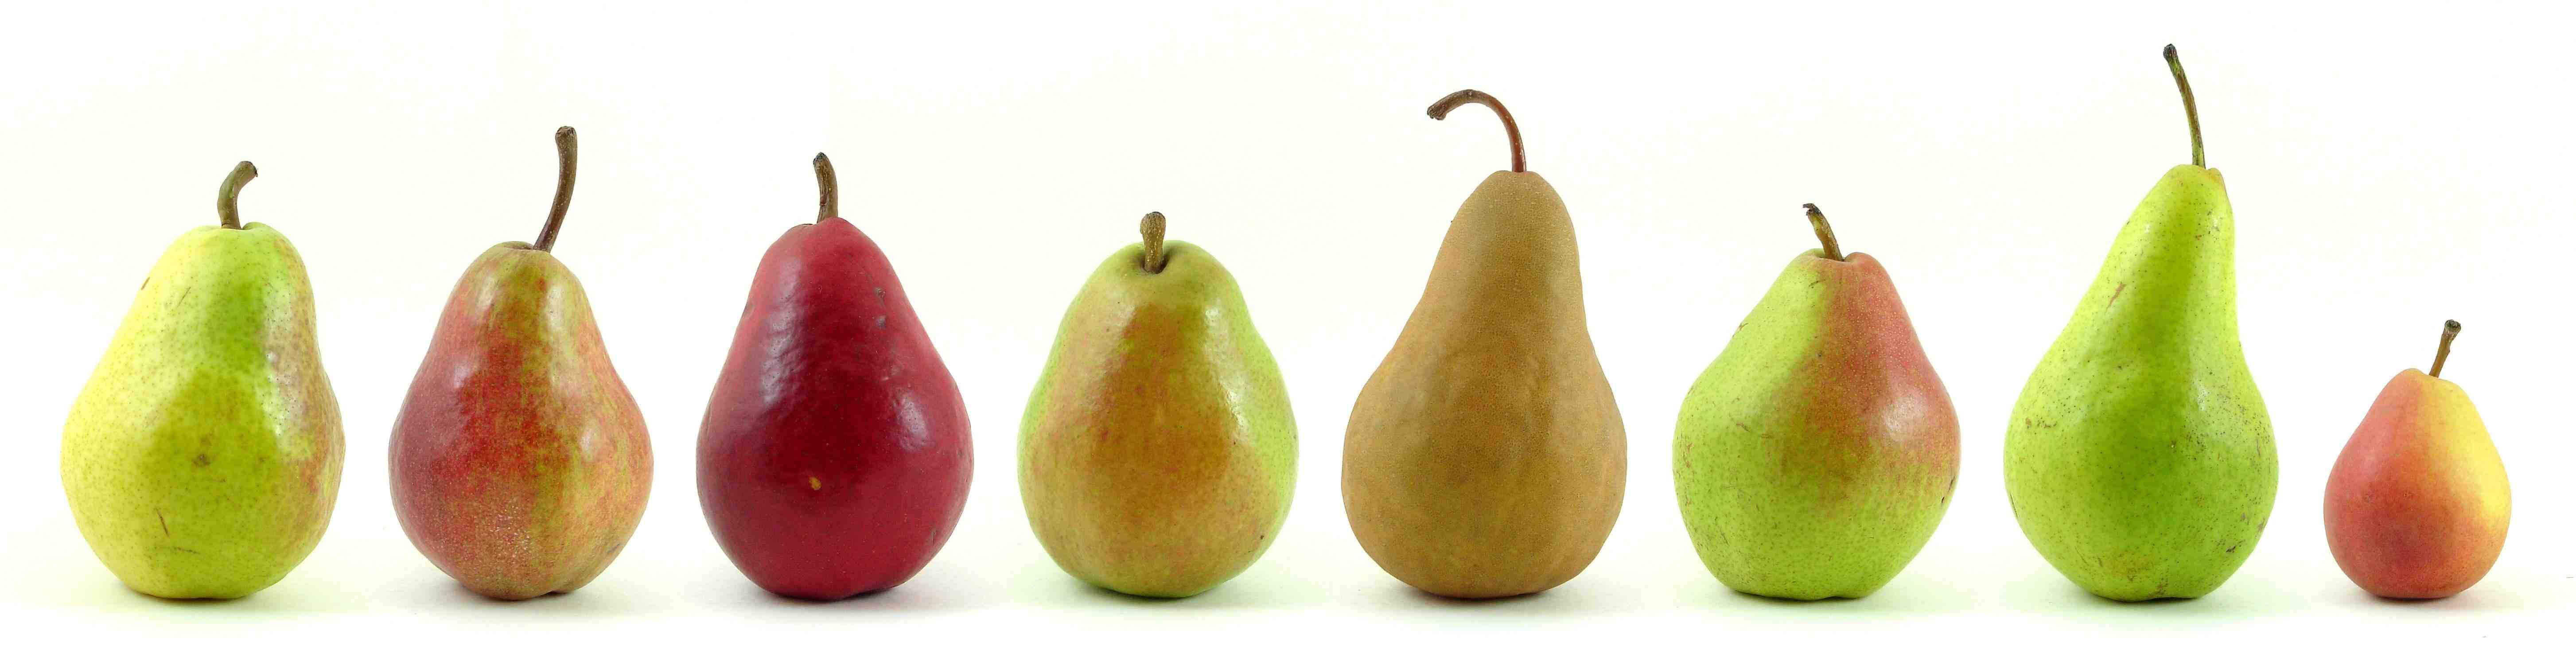 Eight varieties of pears